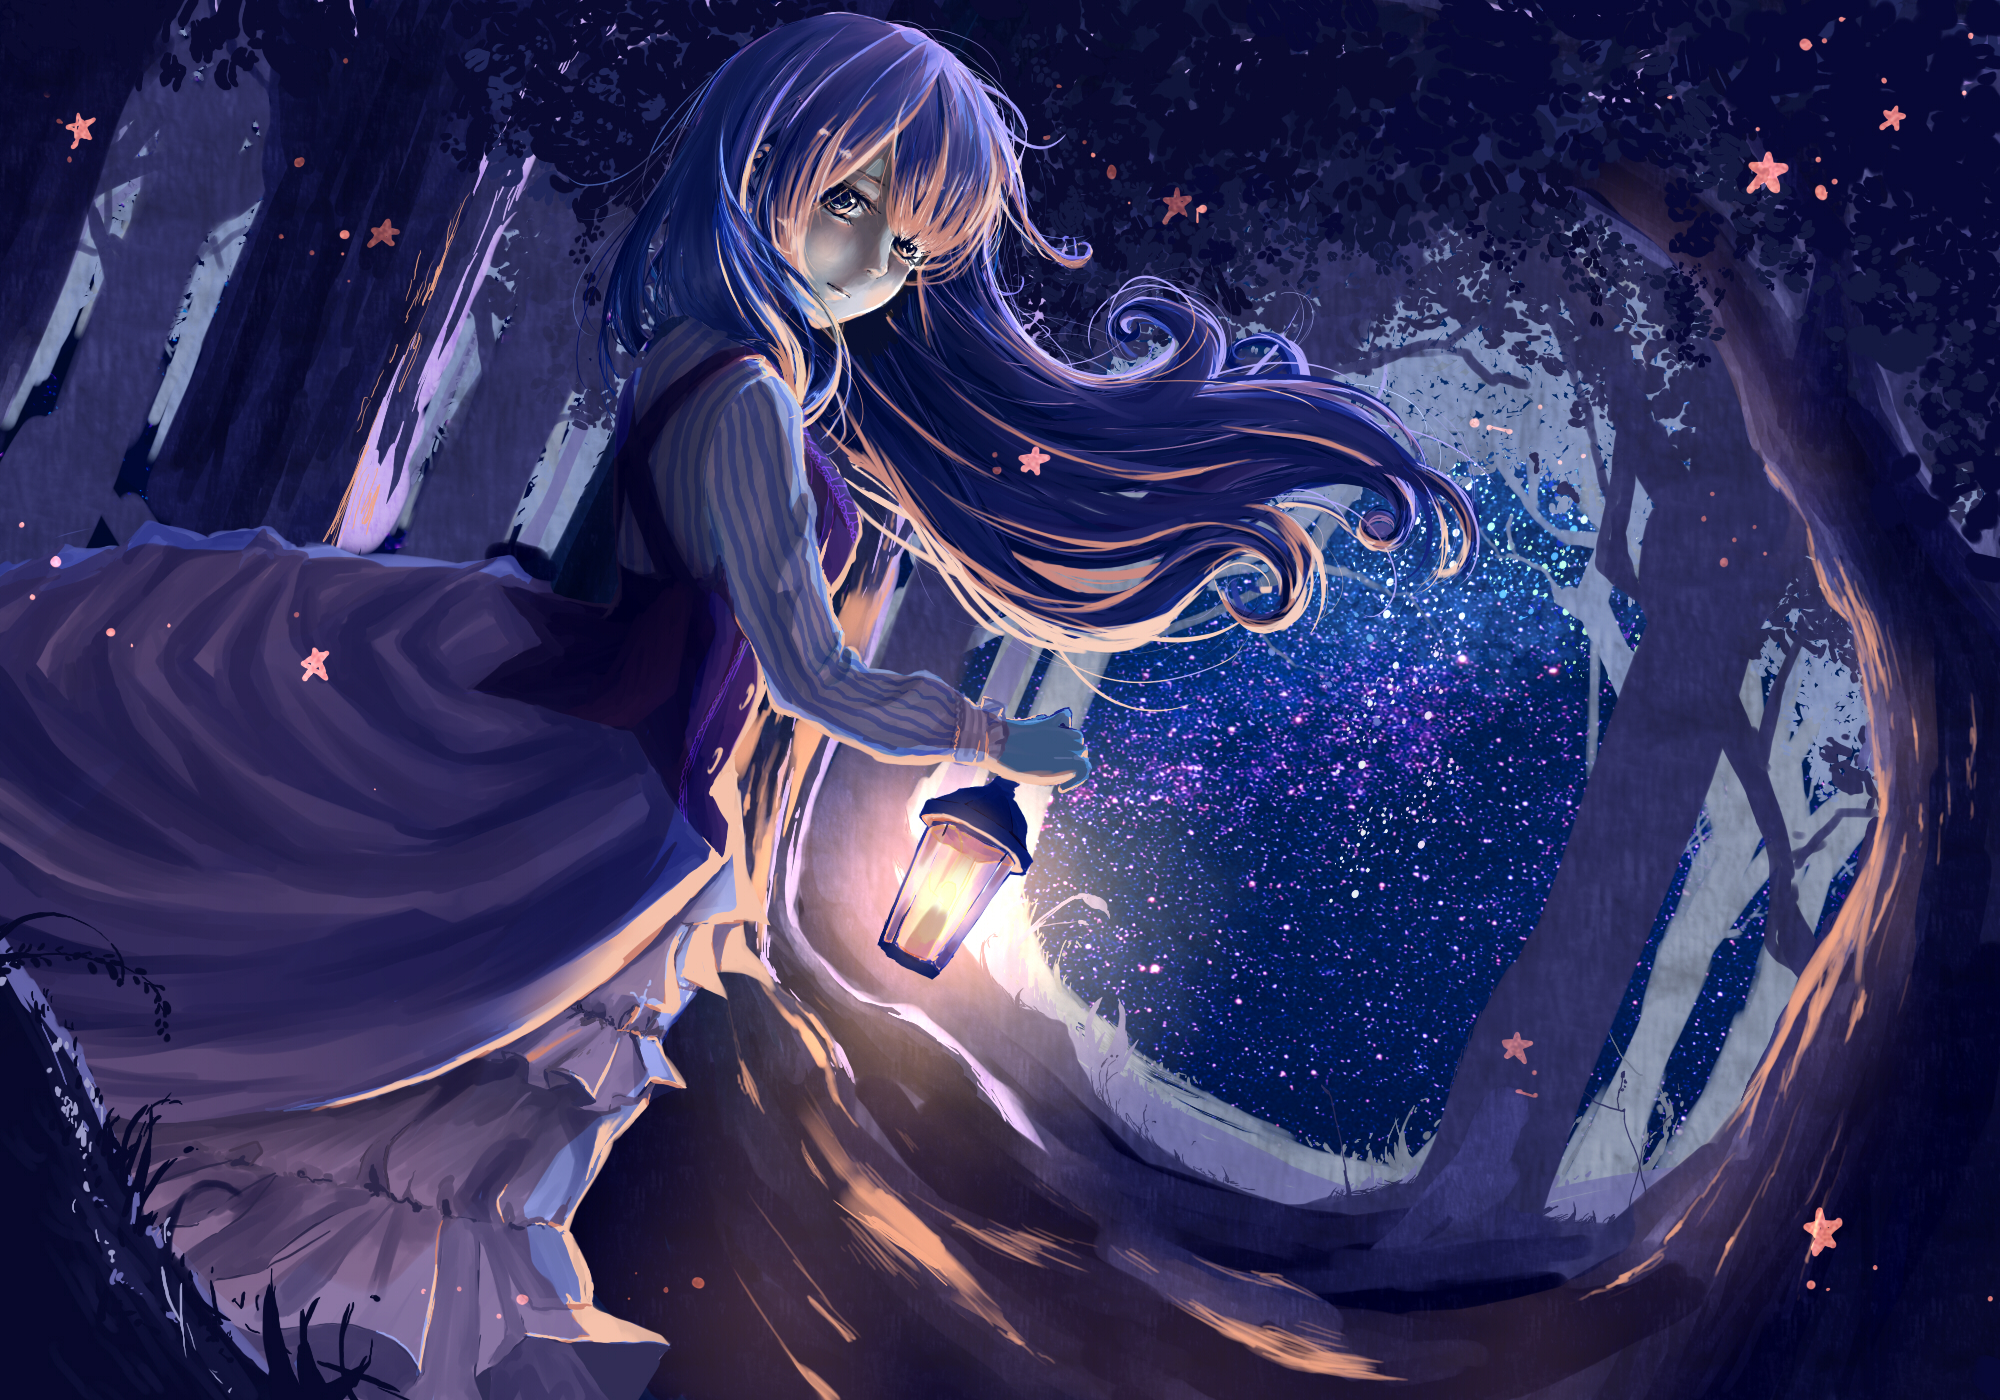 original anime girl lamp light wallpaper backgroundAnime Girl Light Angel